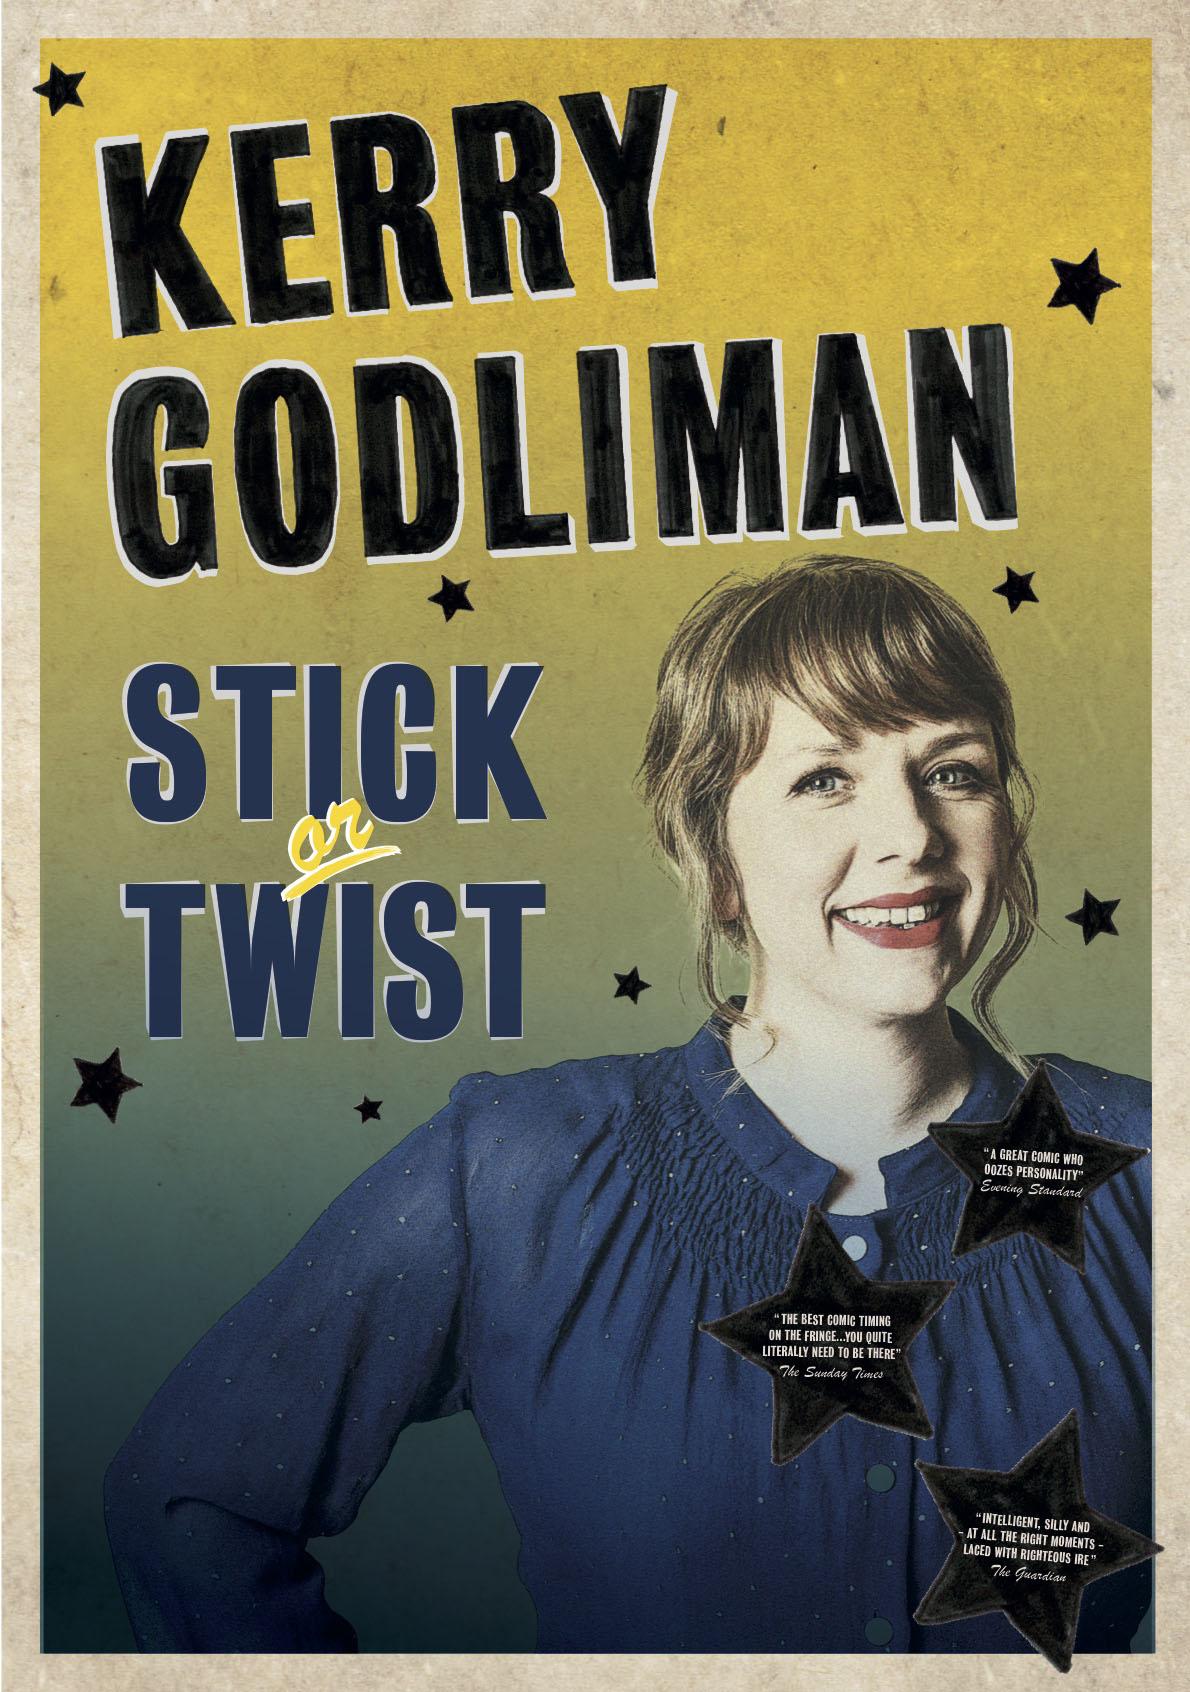 Kerry Godliman: Stick or Twist